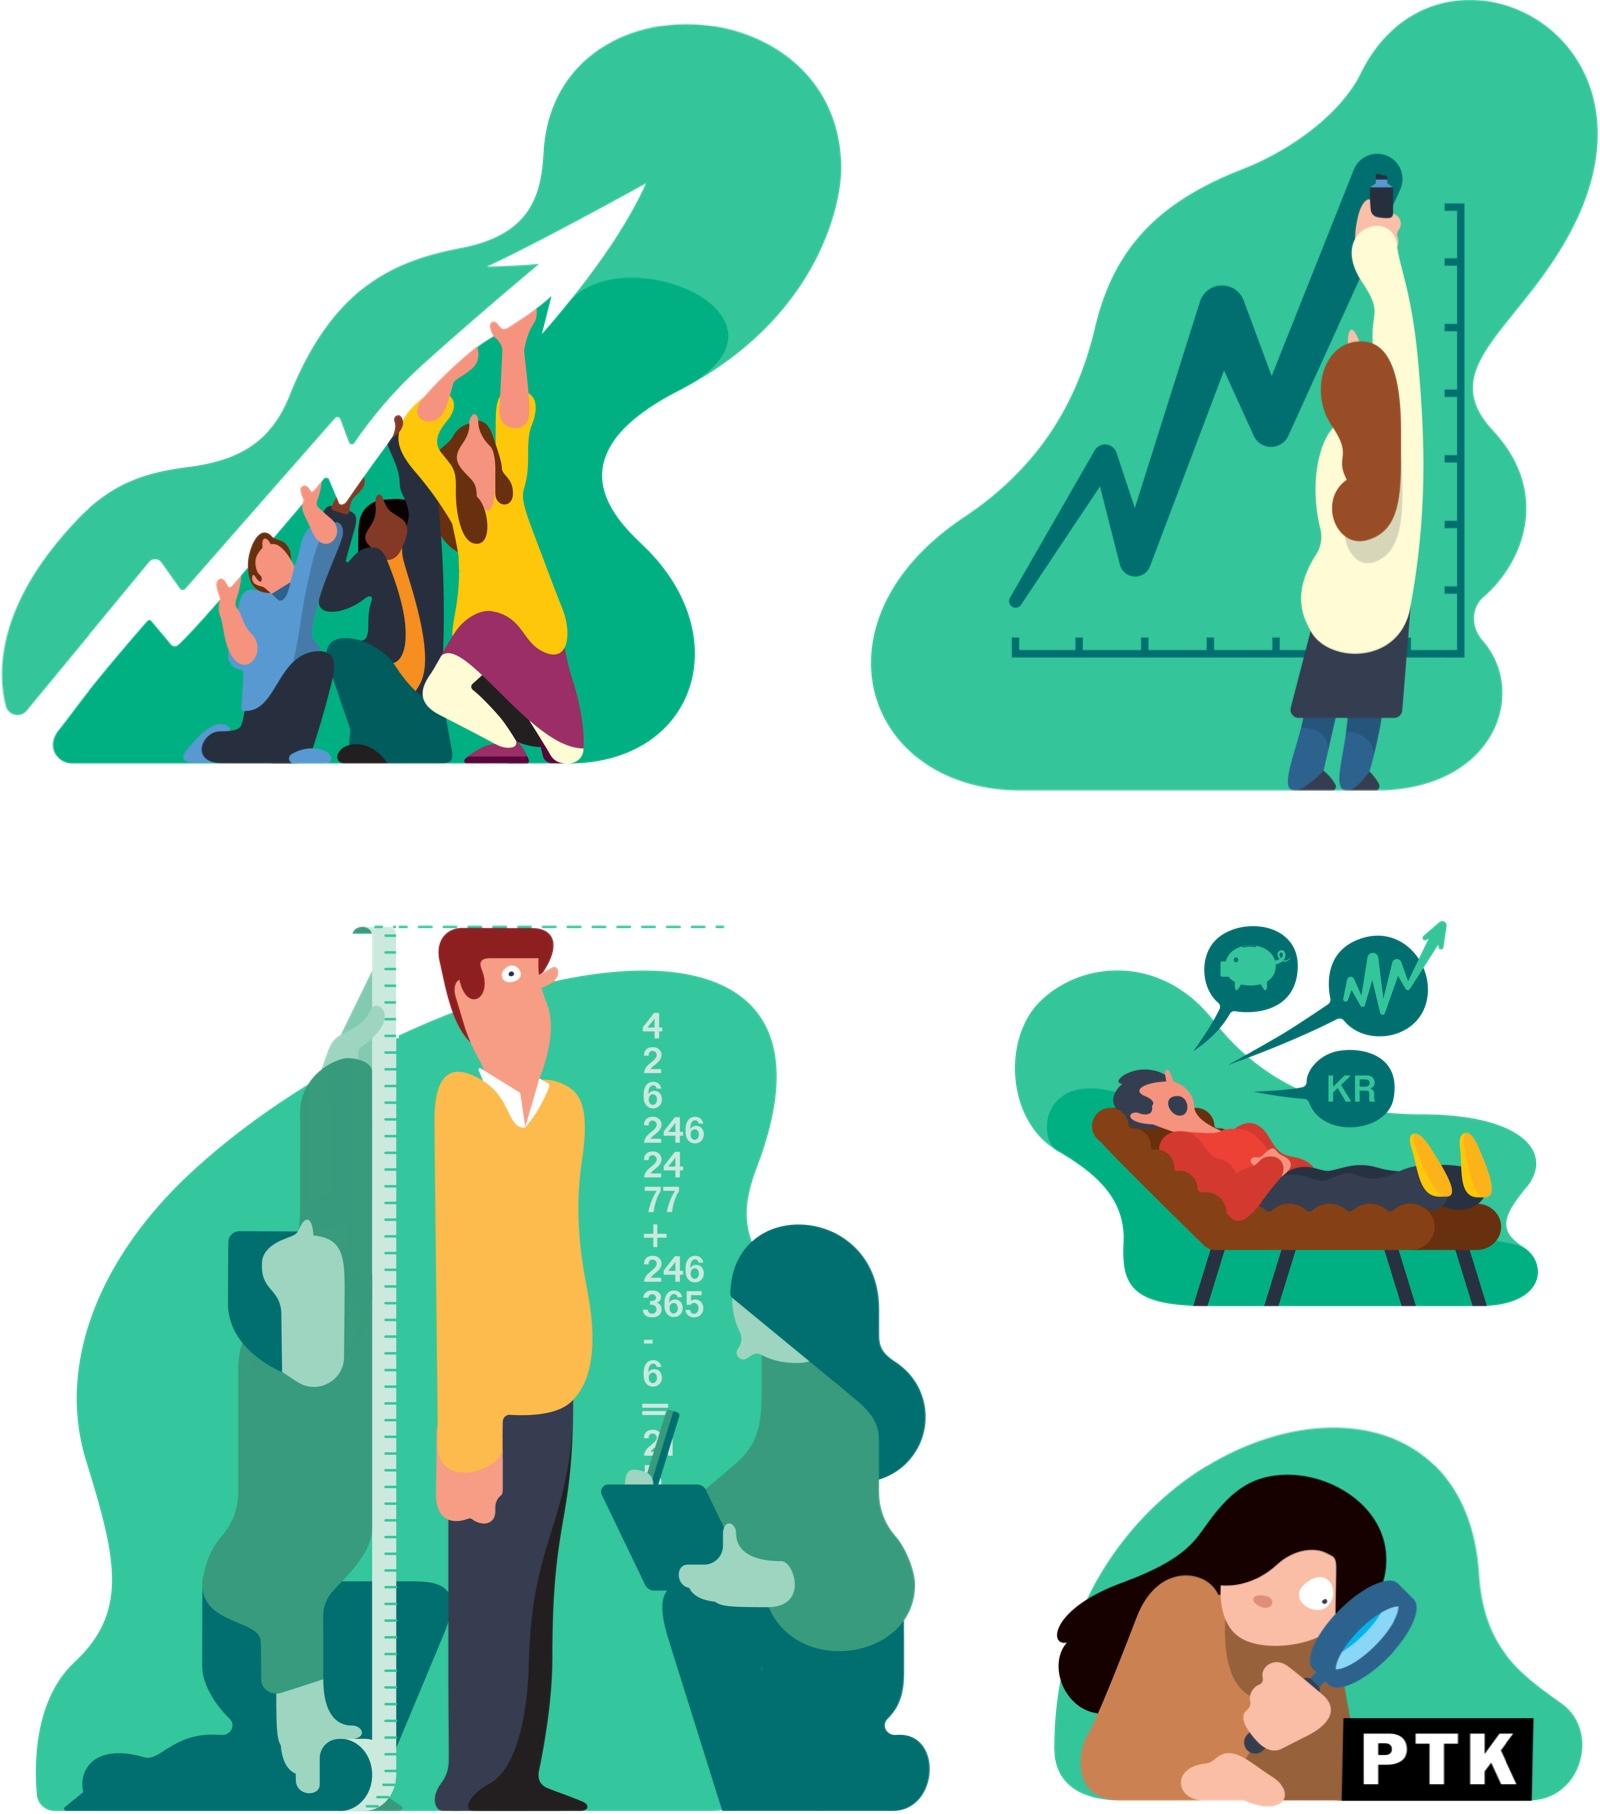 vol-2018-spring-summer-kalle-mattsson-illustrationer-for-ptk@1600px.jpg